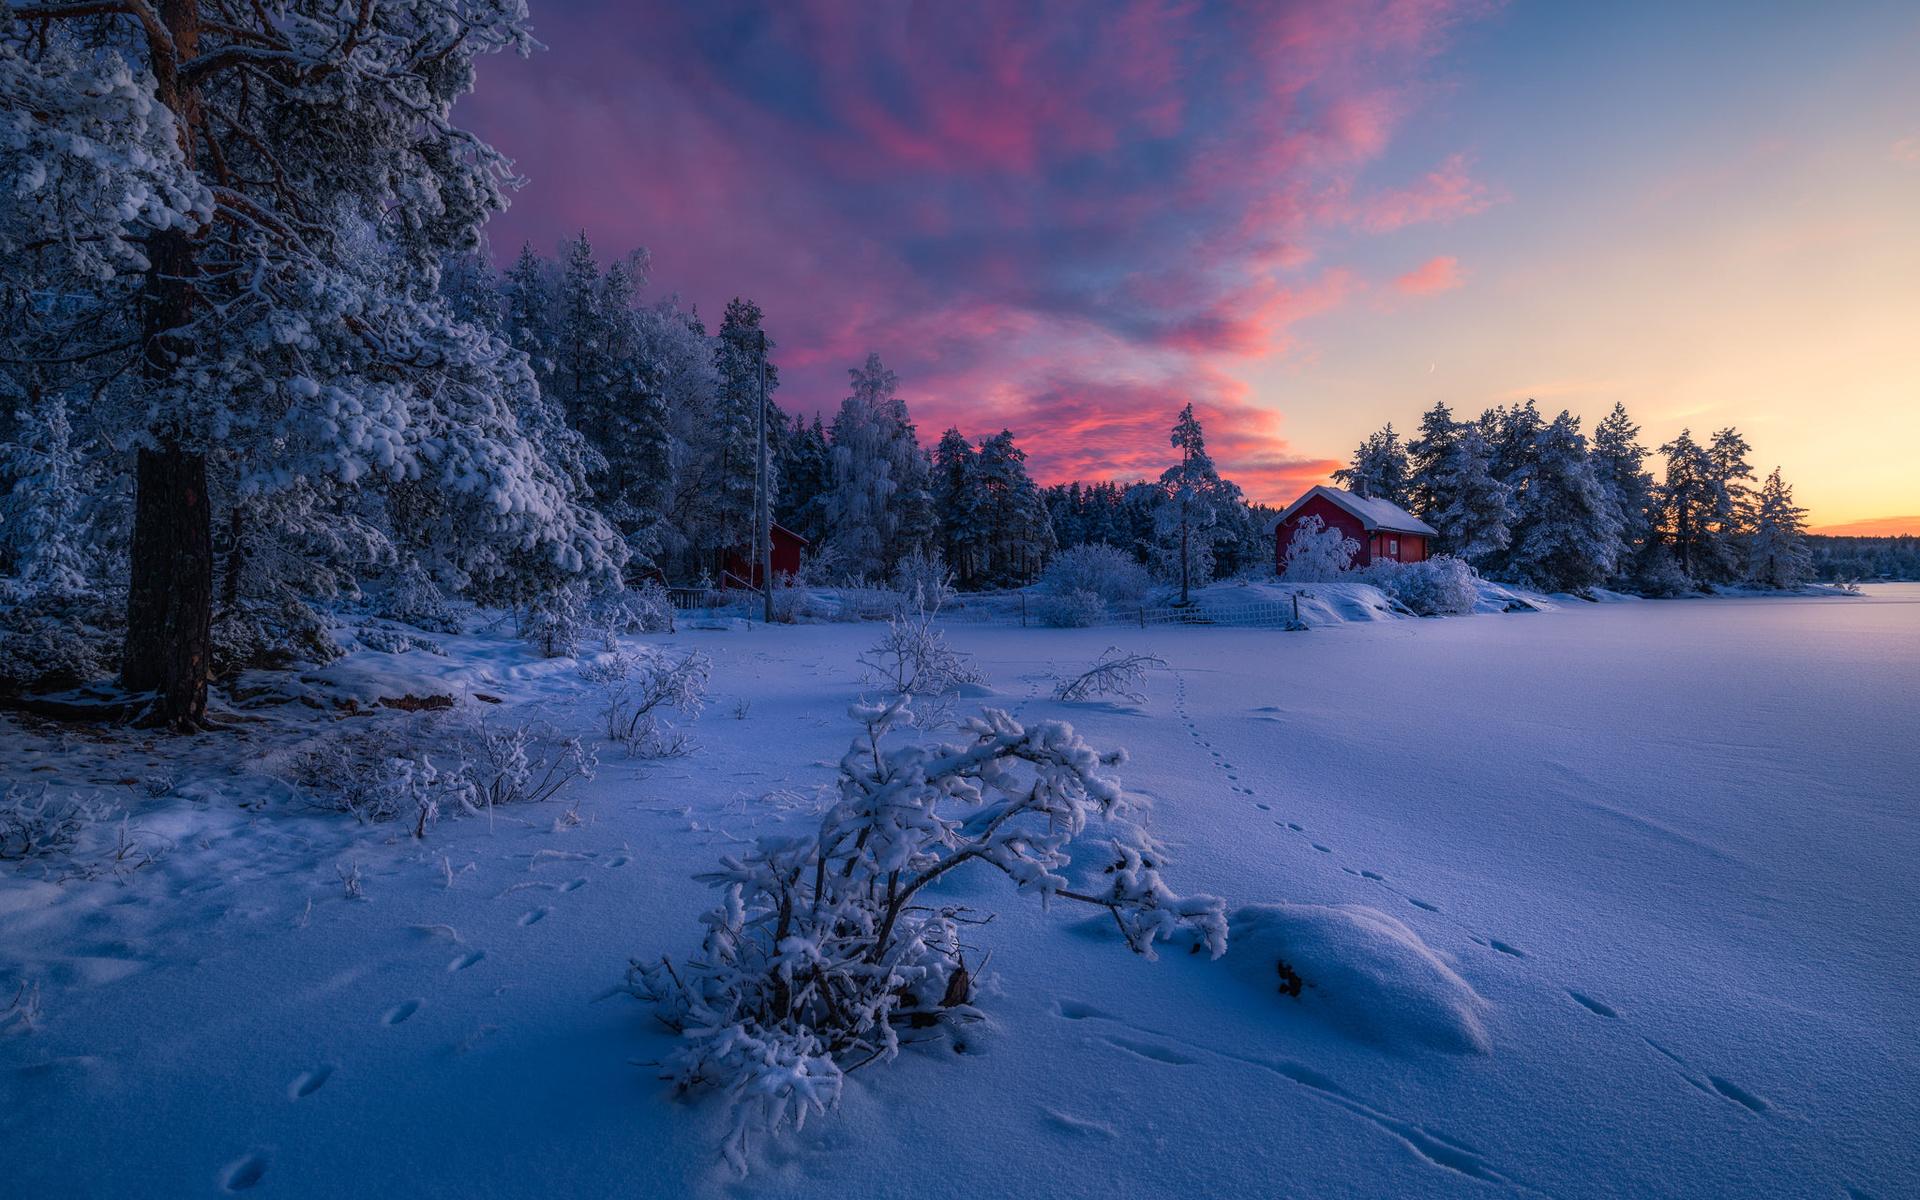 расширенным списком красивое фото зимнего пейзажа картинки фиолетовые